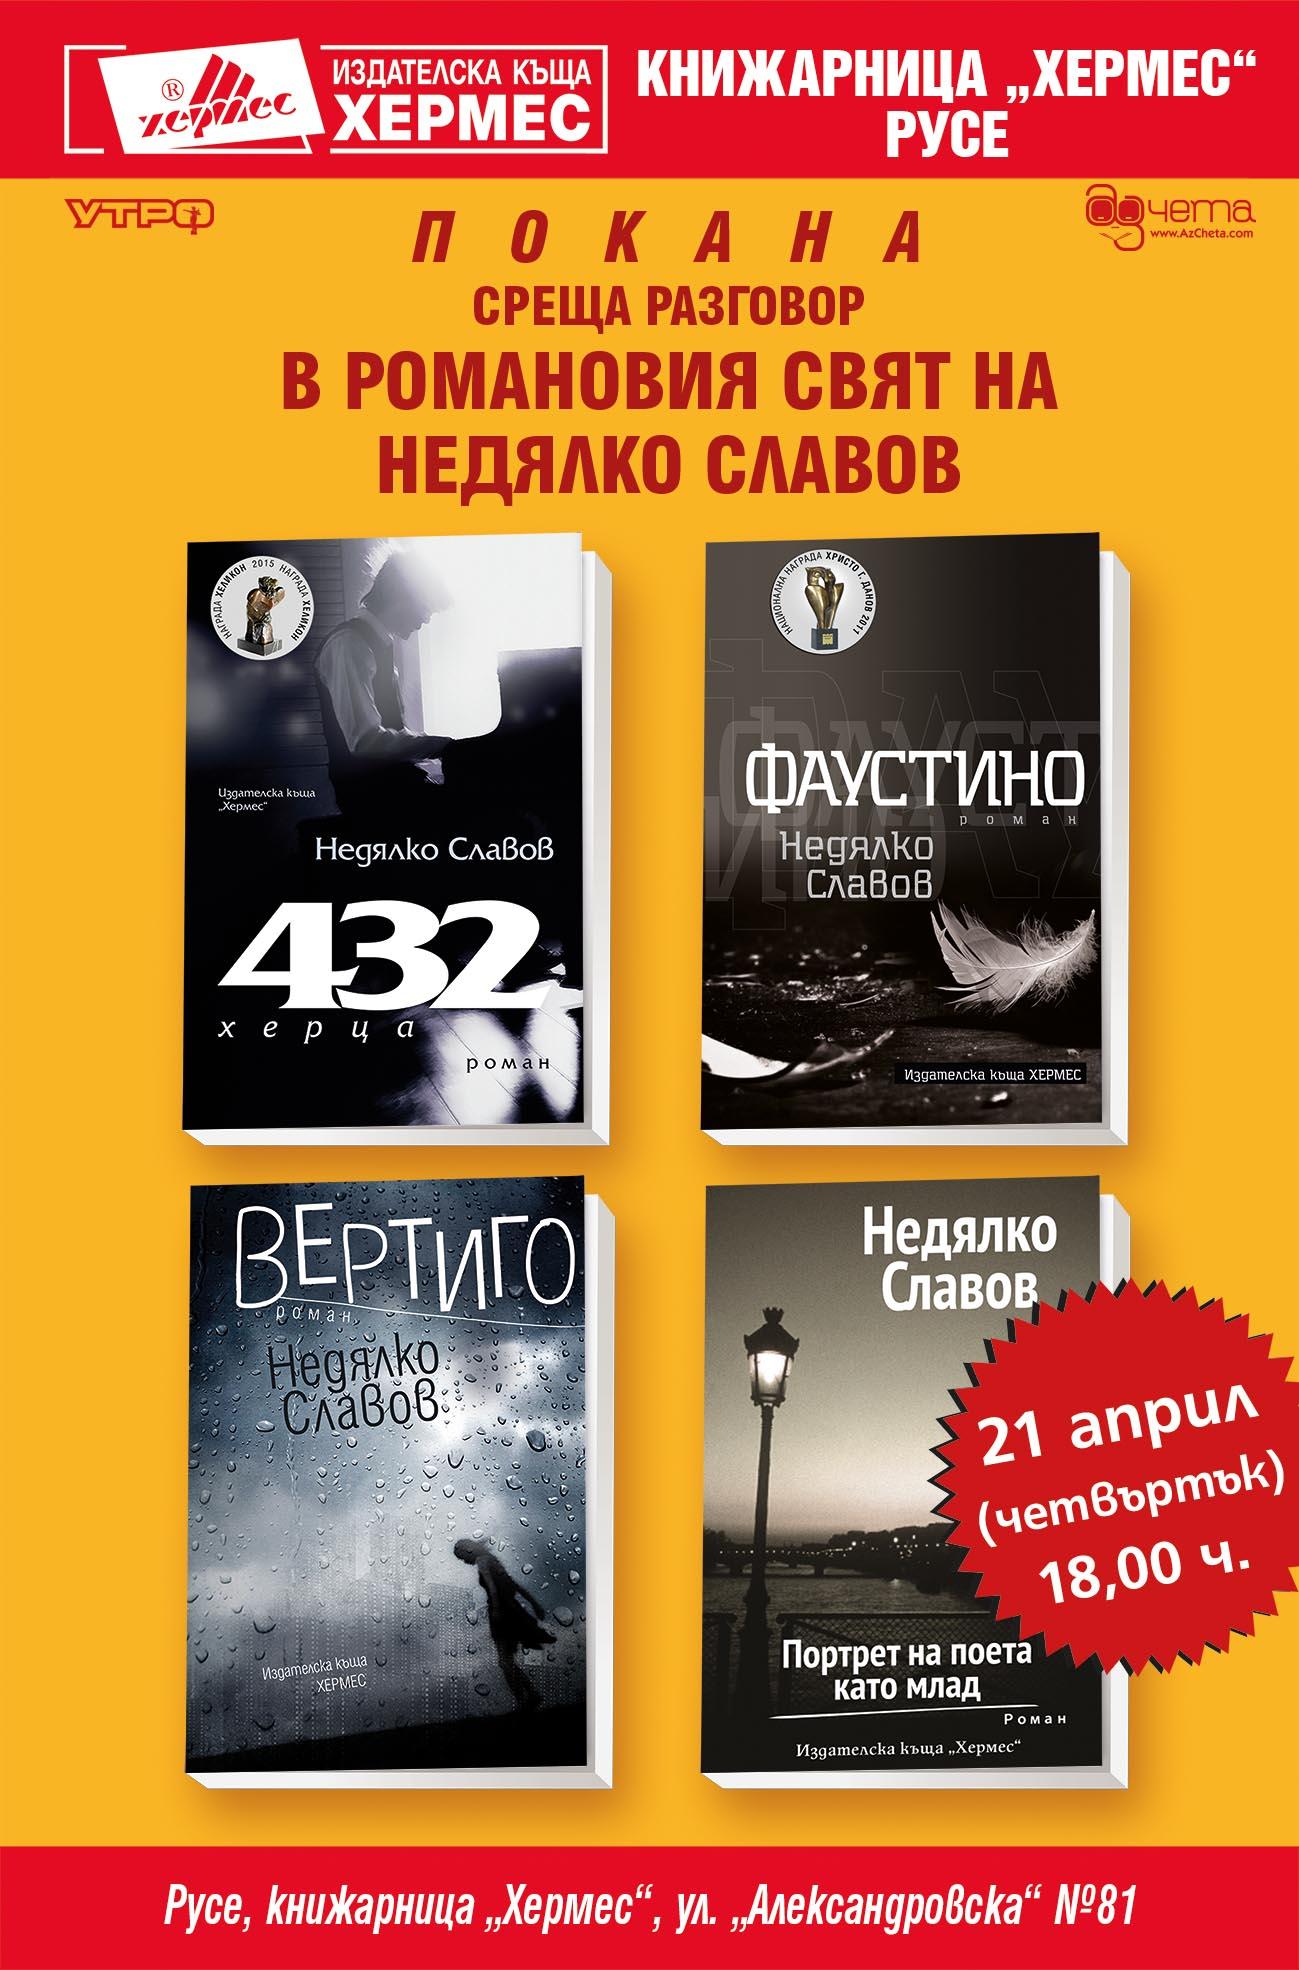 Среща-разговор с Недялко Славов в Русе